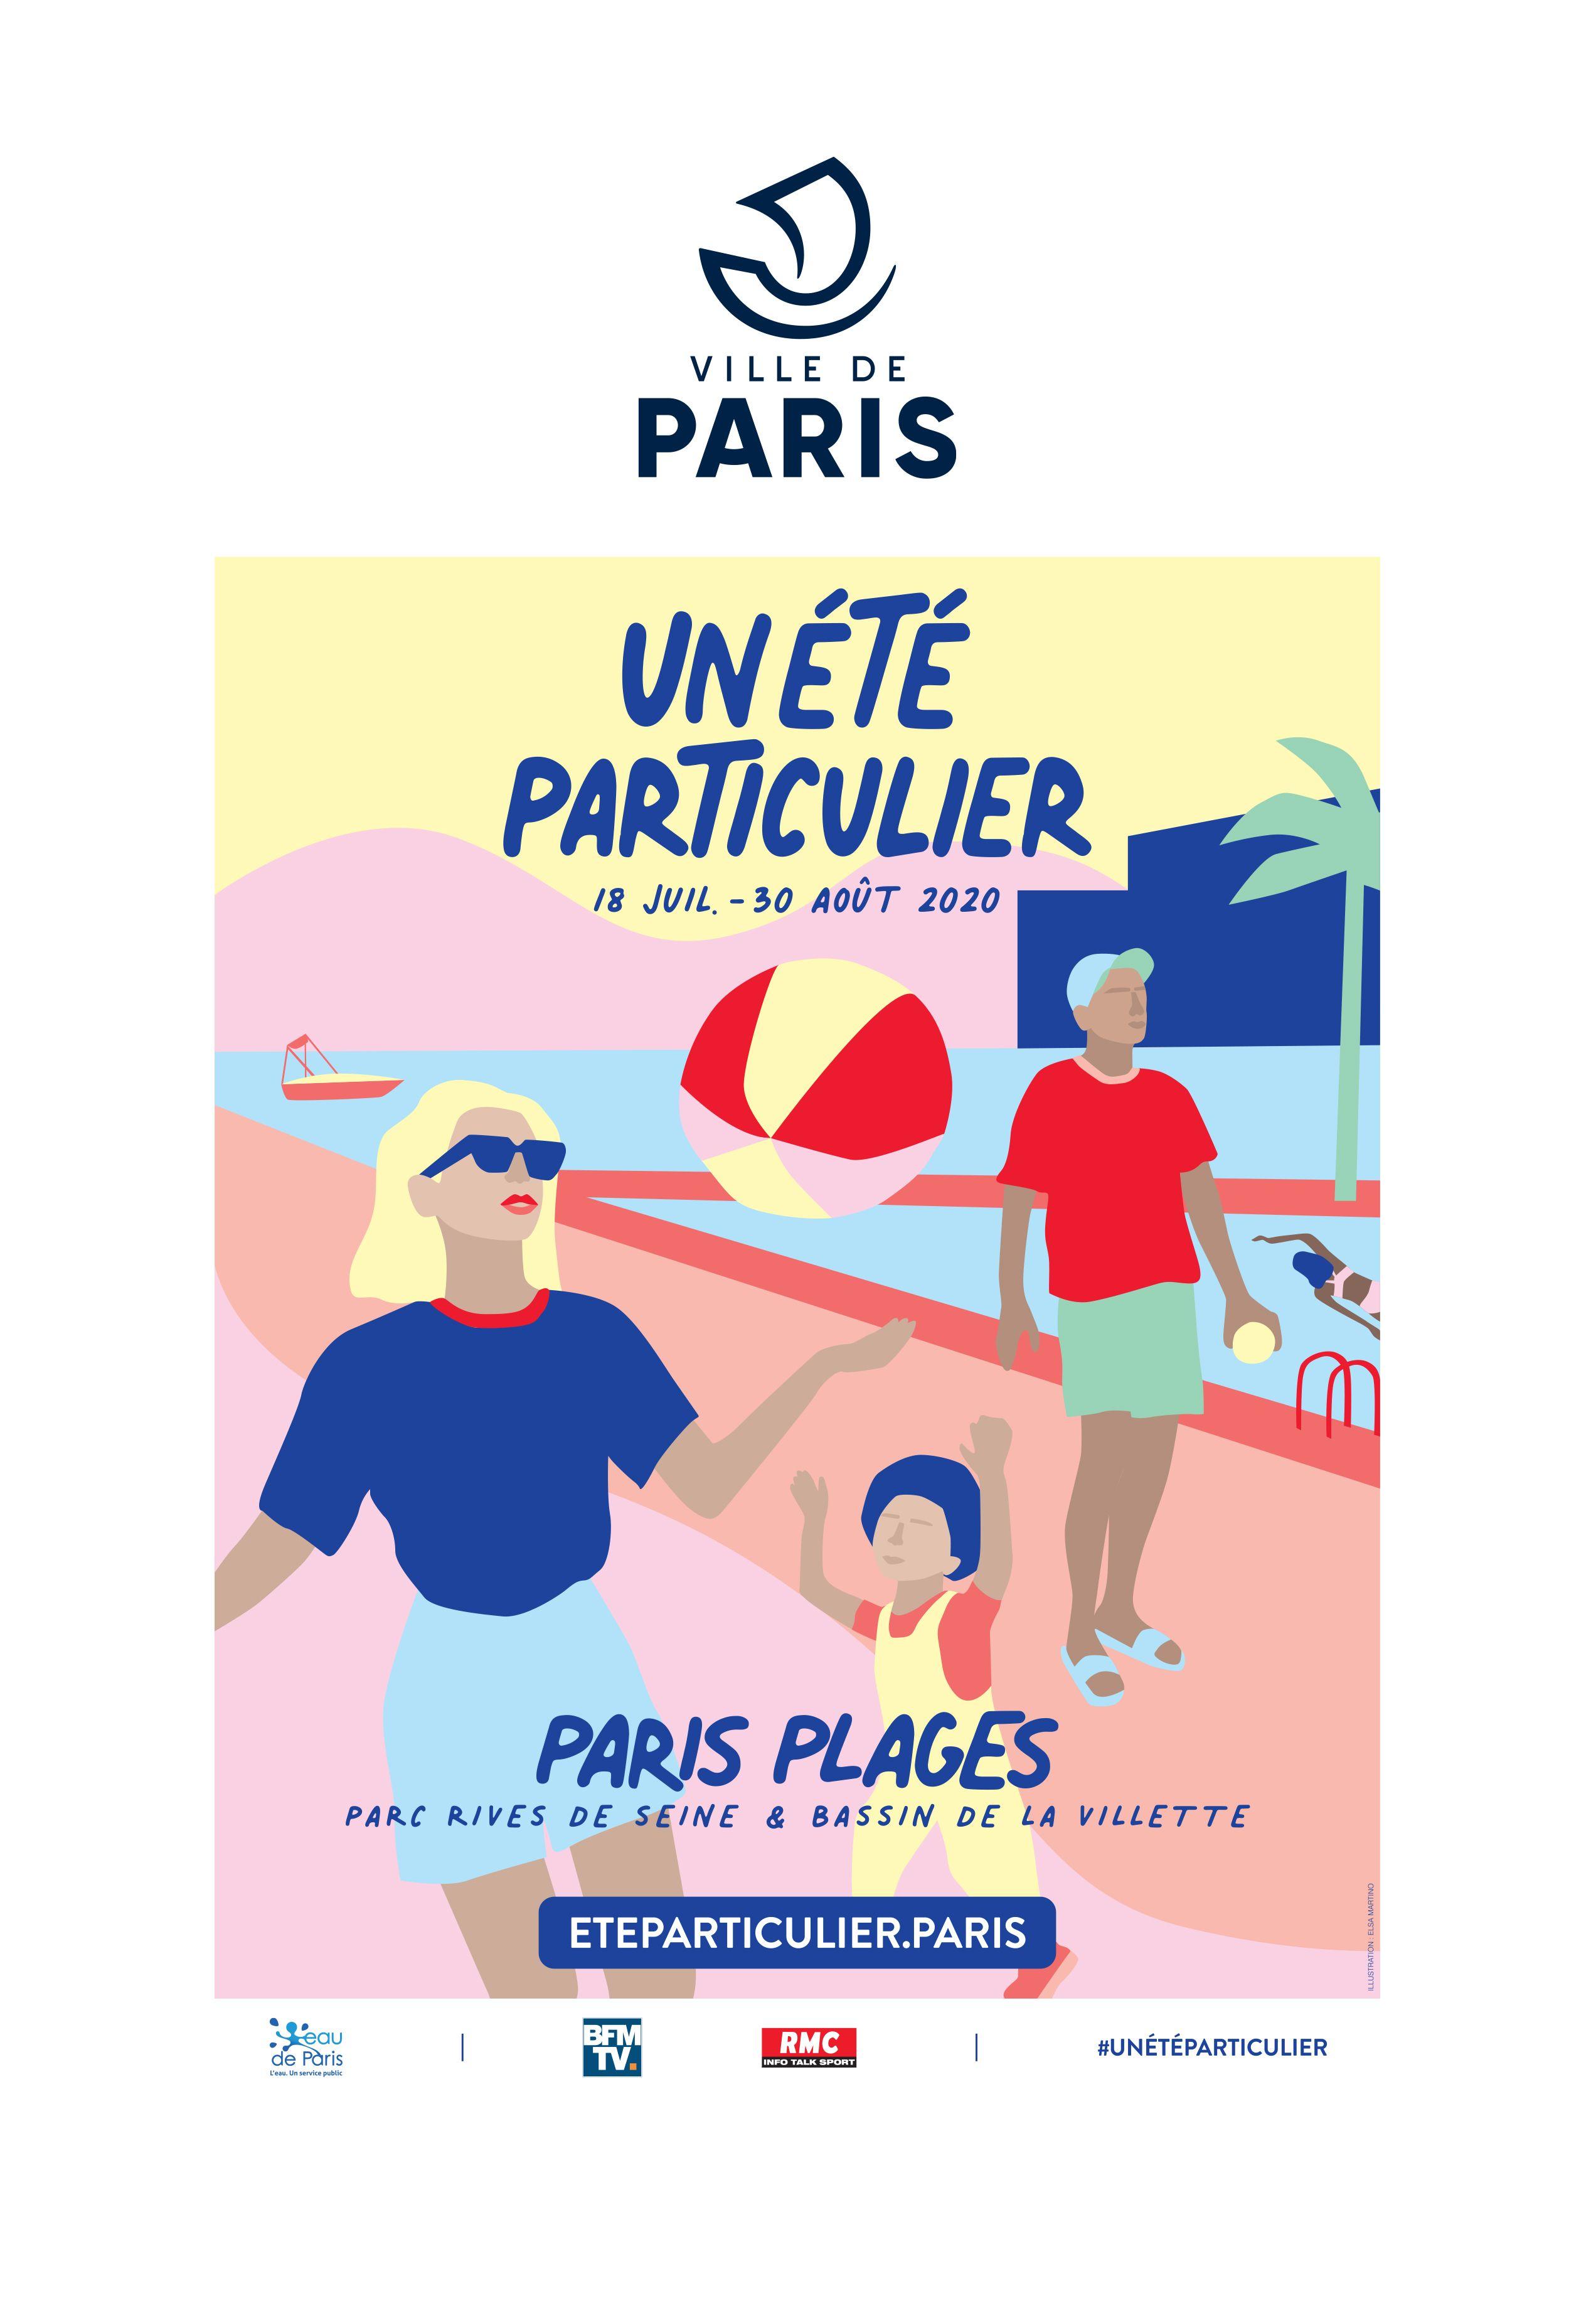 visuel_campagne_communication_affiches_ville_de_paris_plages_lance_un_ete_particulier_programme_estival_2020_animation_pour_parisiens_parisiennes_sport_matin_midi_lafourmi